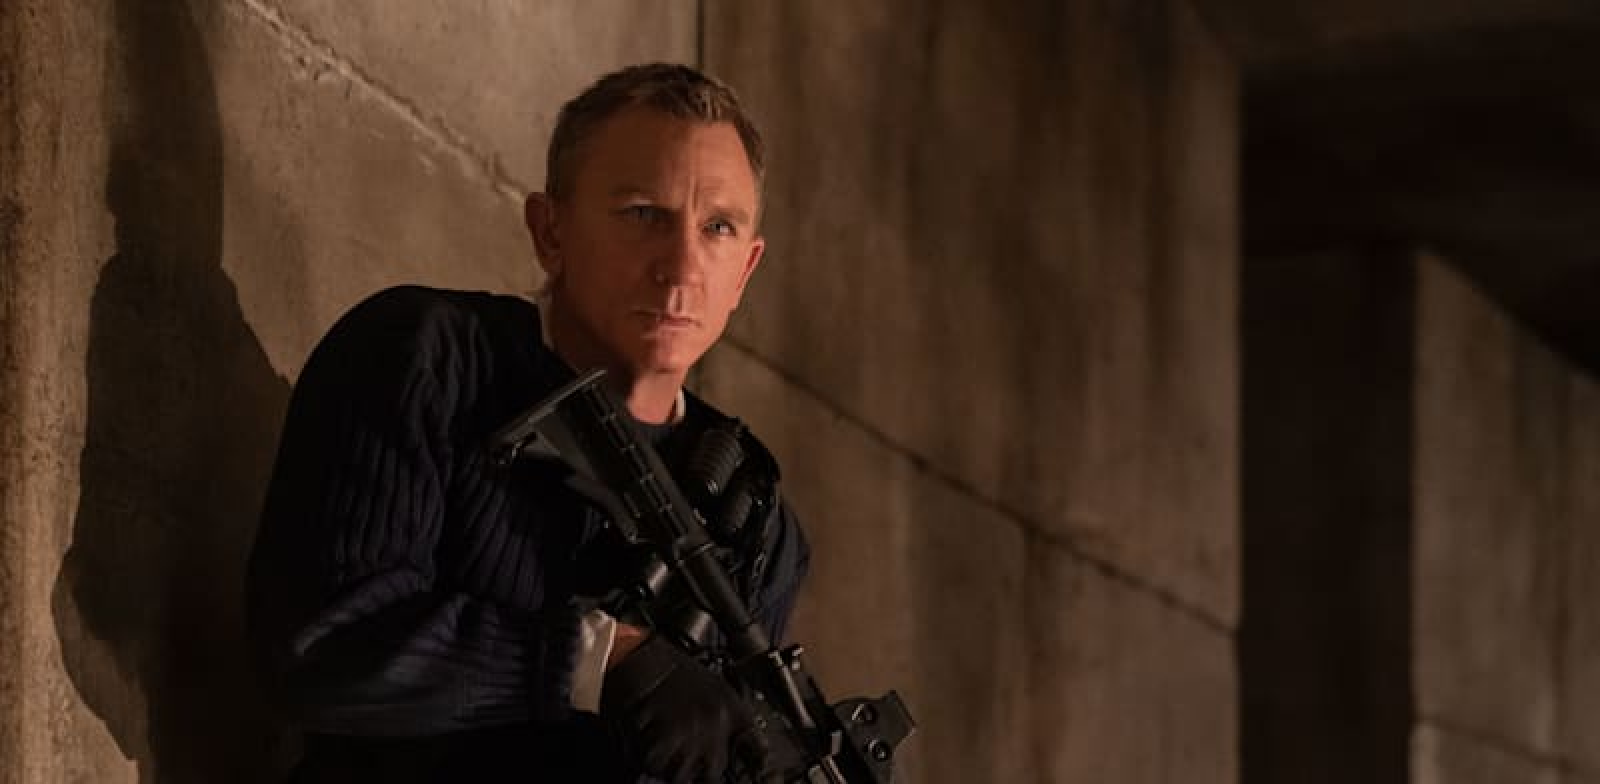 דניאל קרייג כג'יימס בונד בסרט ''לא זמן למות'' / צילום: באדיבות סרטי פורום פילם